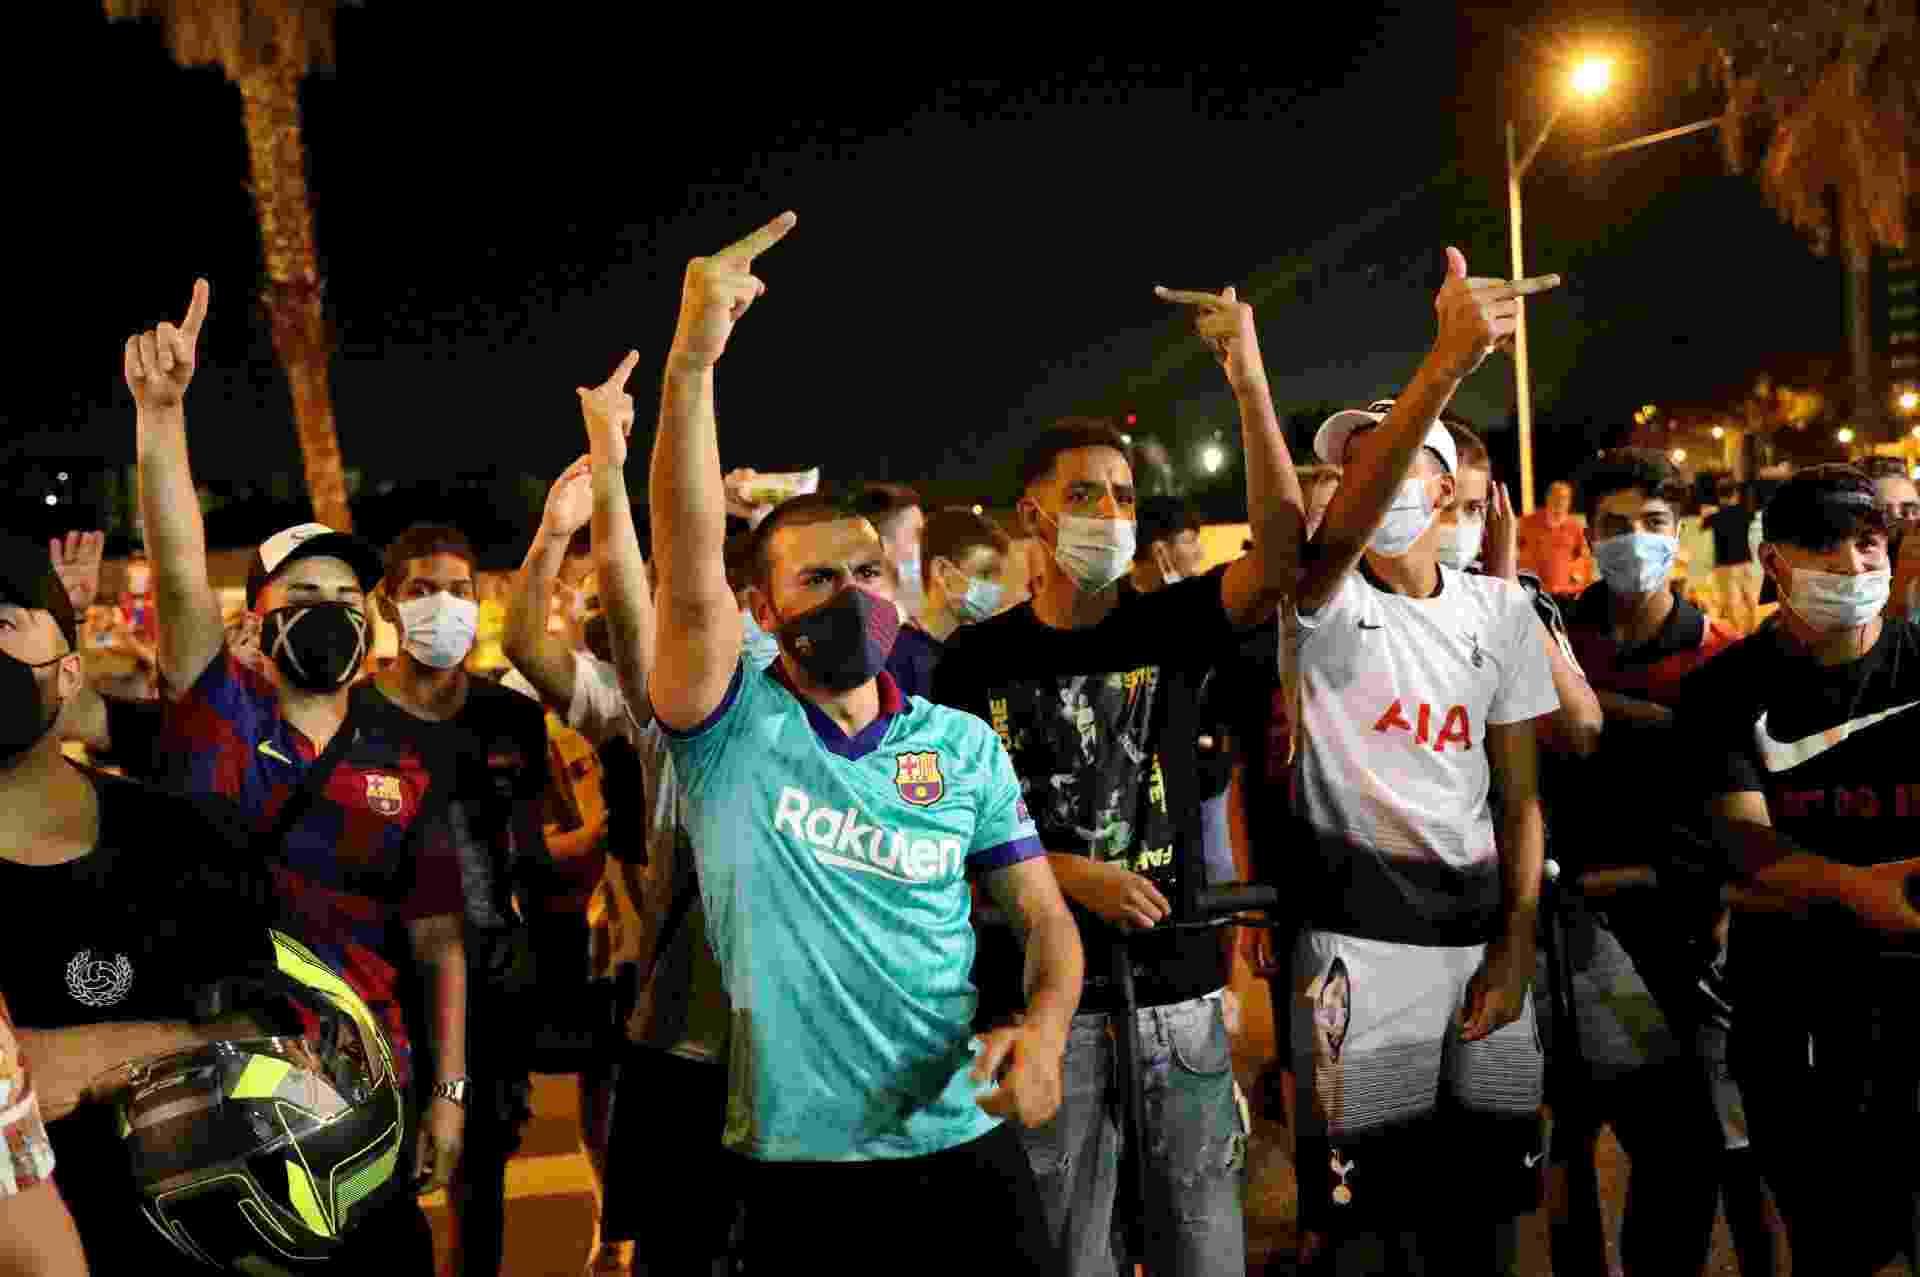 Torcedores do Barcelona protestam no Camp Nou e pedem permanência de Lionel Messi - REUTERS/Nacho Doce